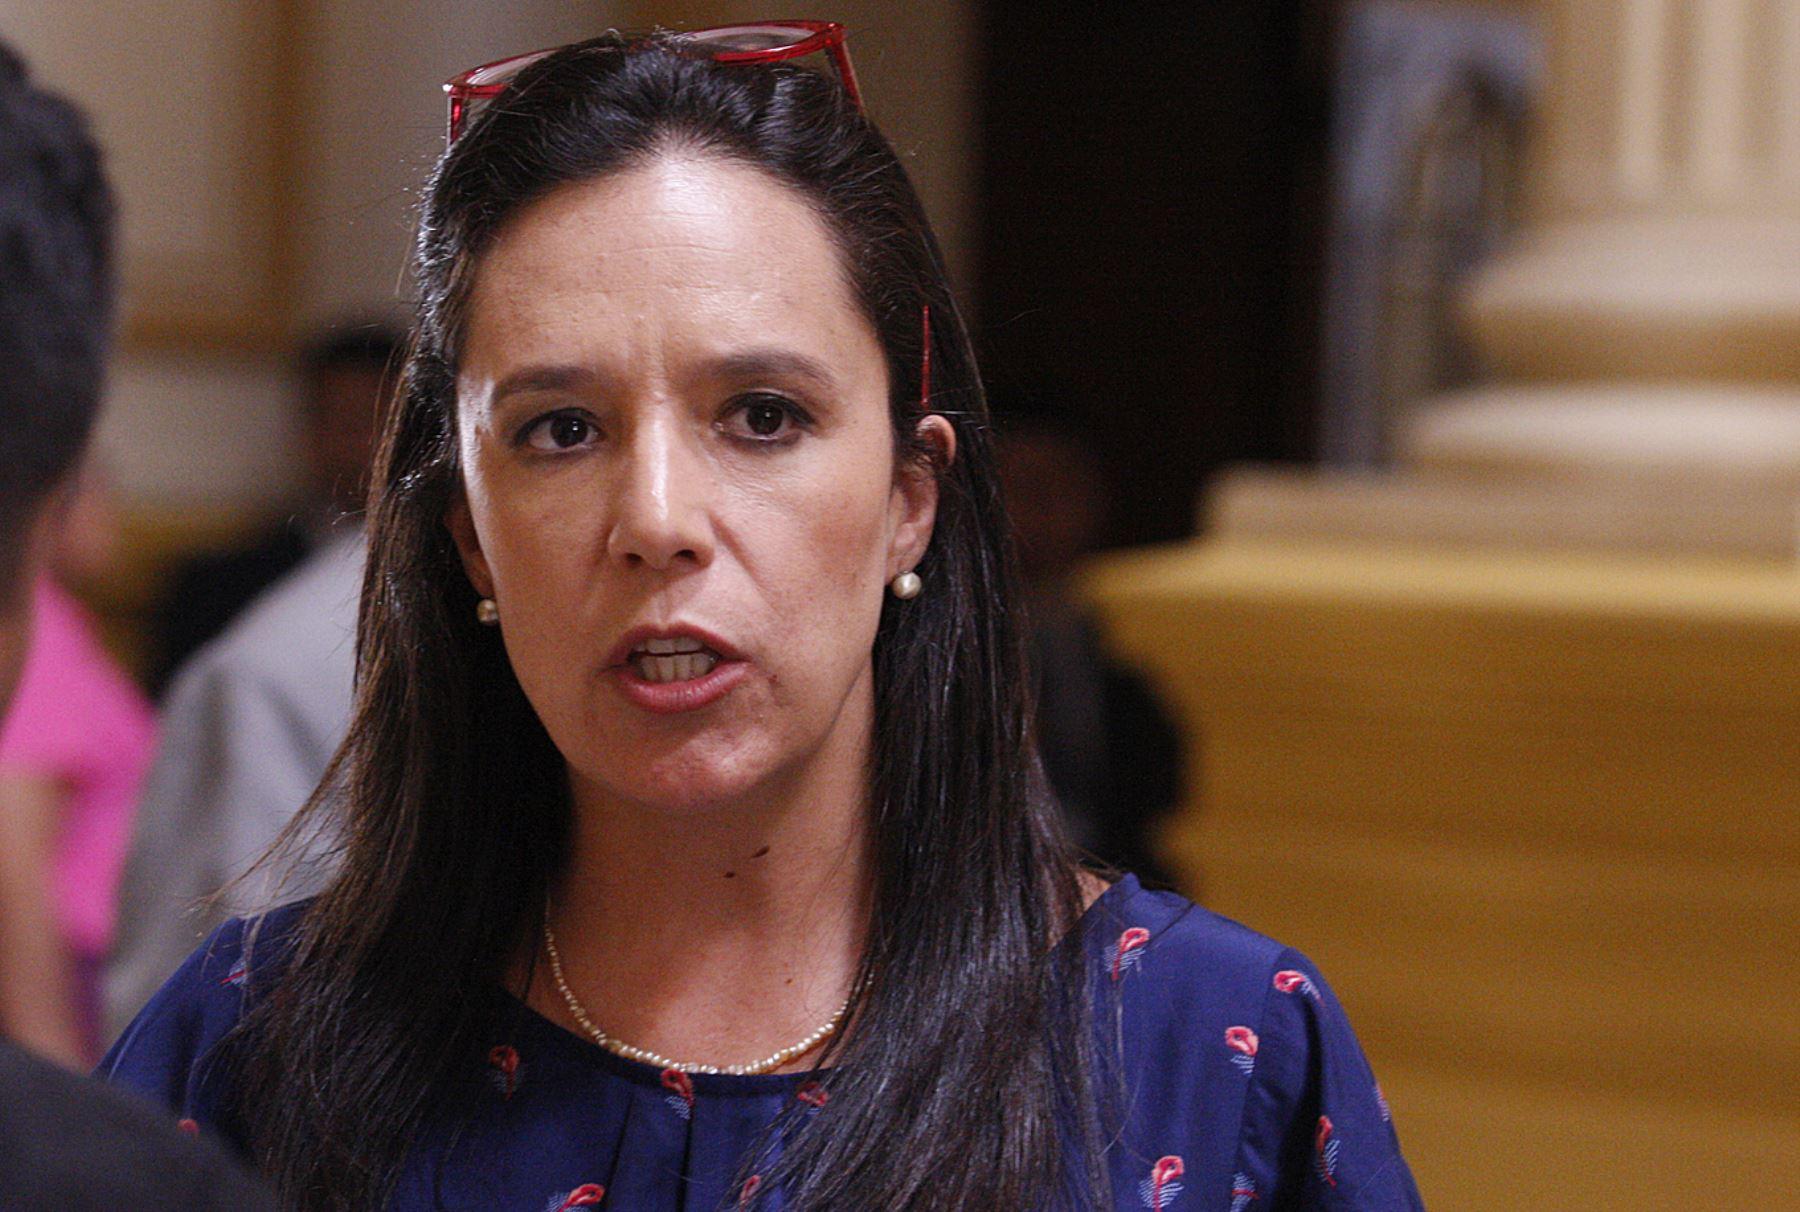 Colaborador eficaz imputa a Marisa Glave de haber recibido dinero y ella lo niega